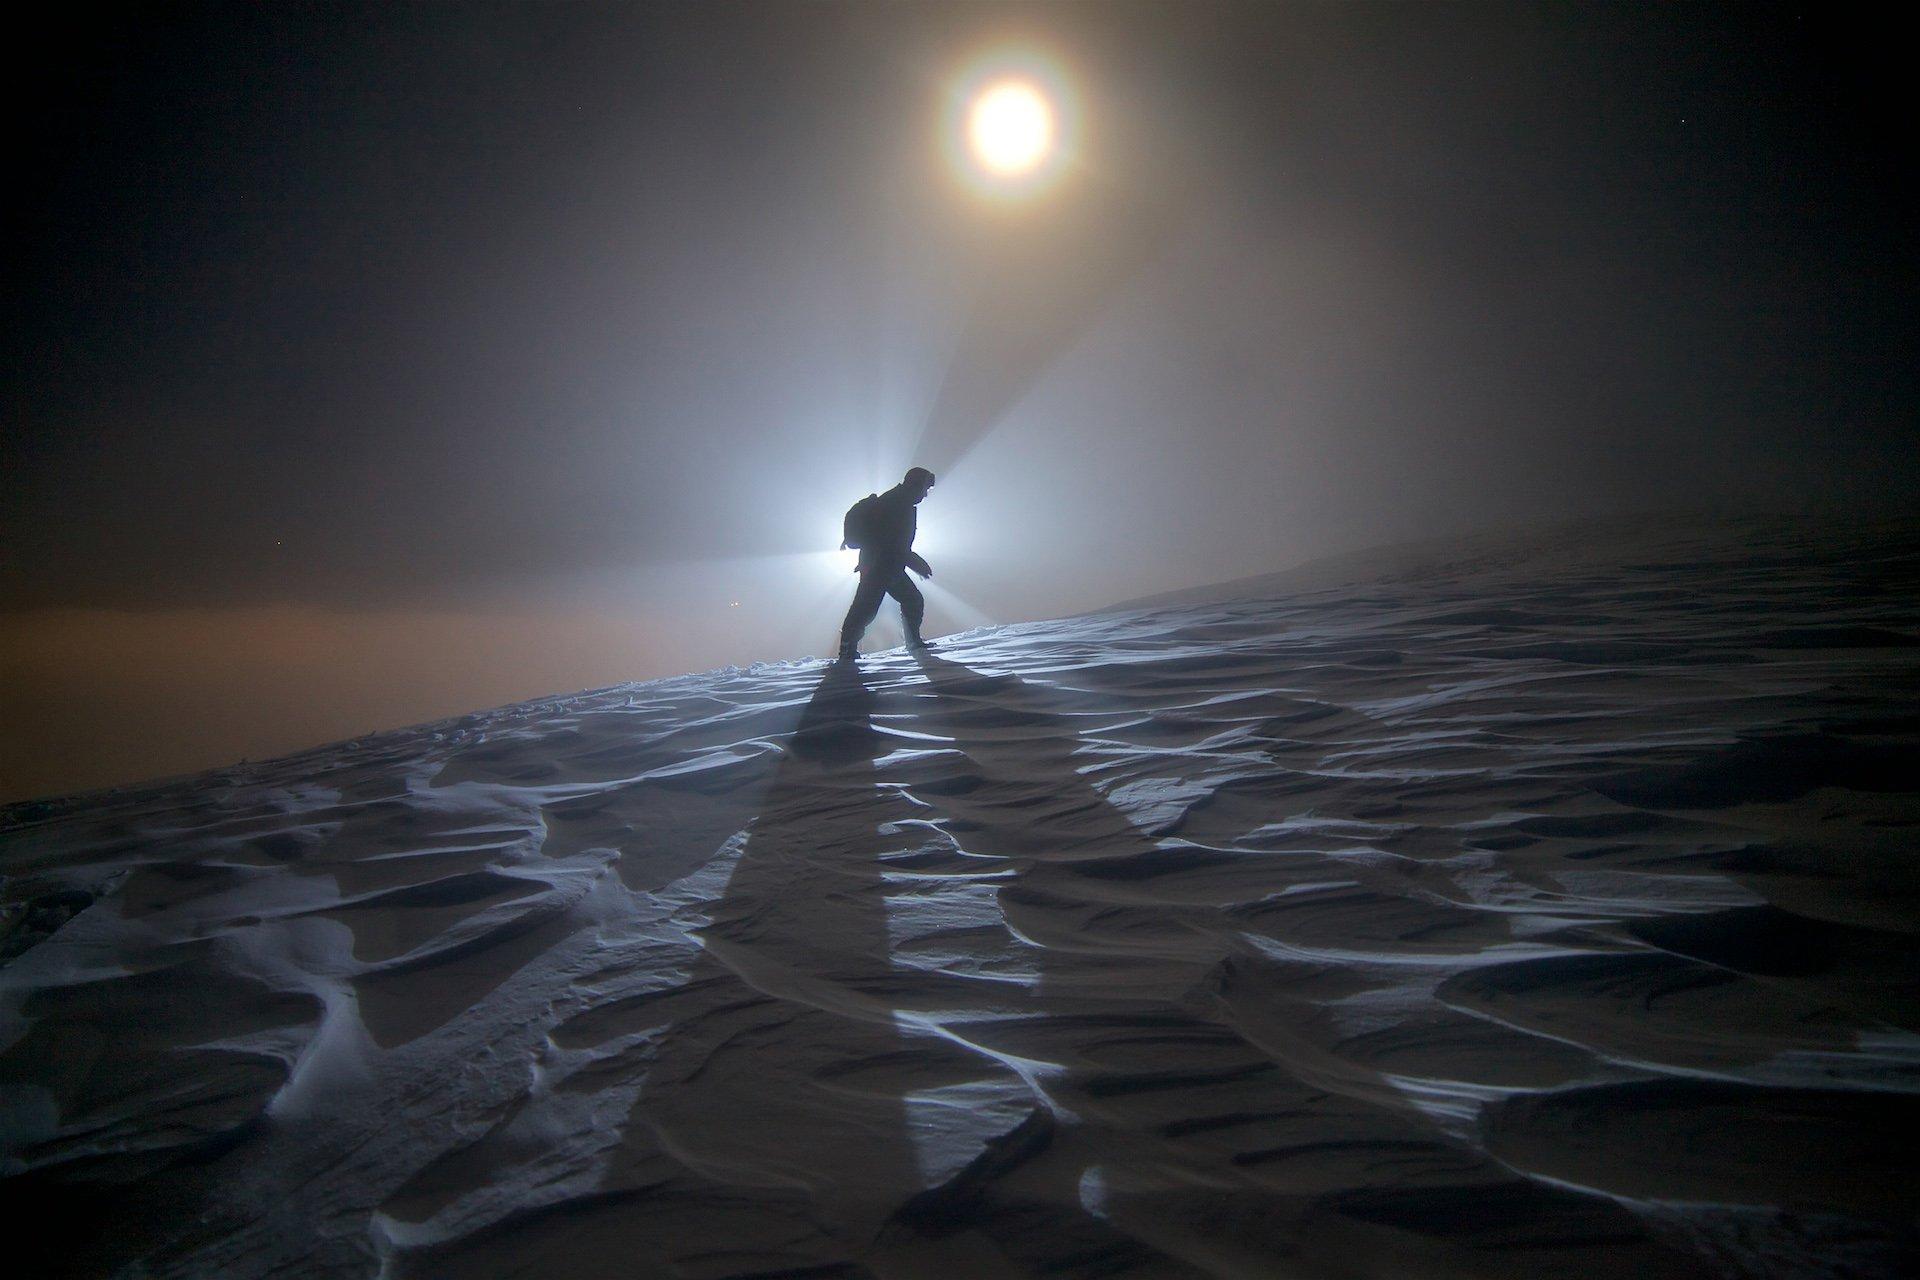 ночь, лунное гало, север, путник, снег, горы, наст,, Никифоров Егор